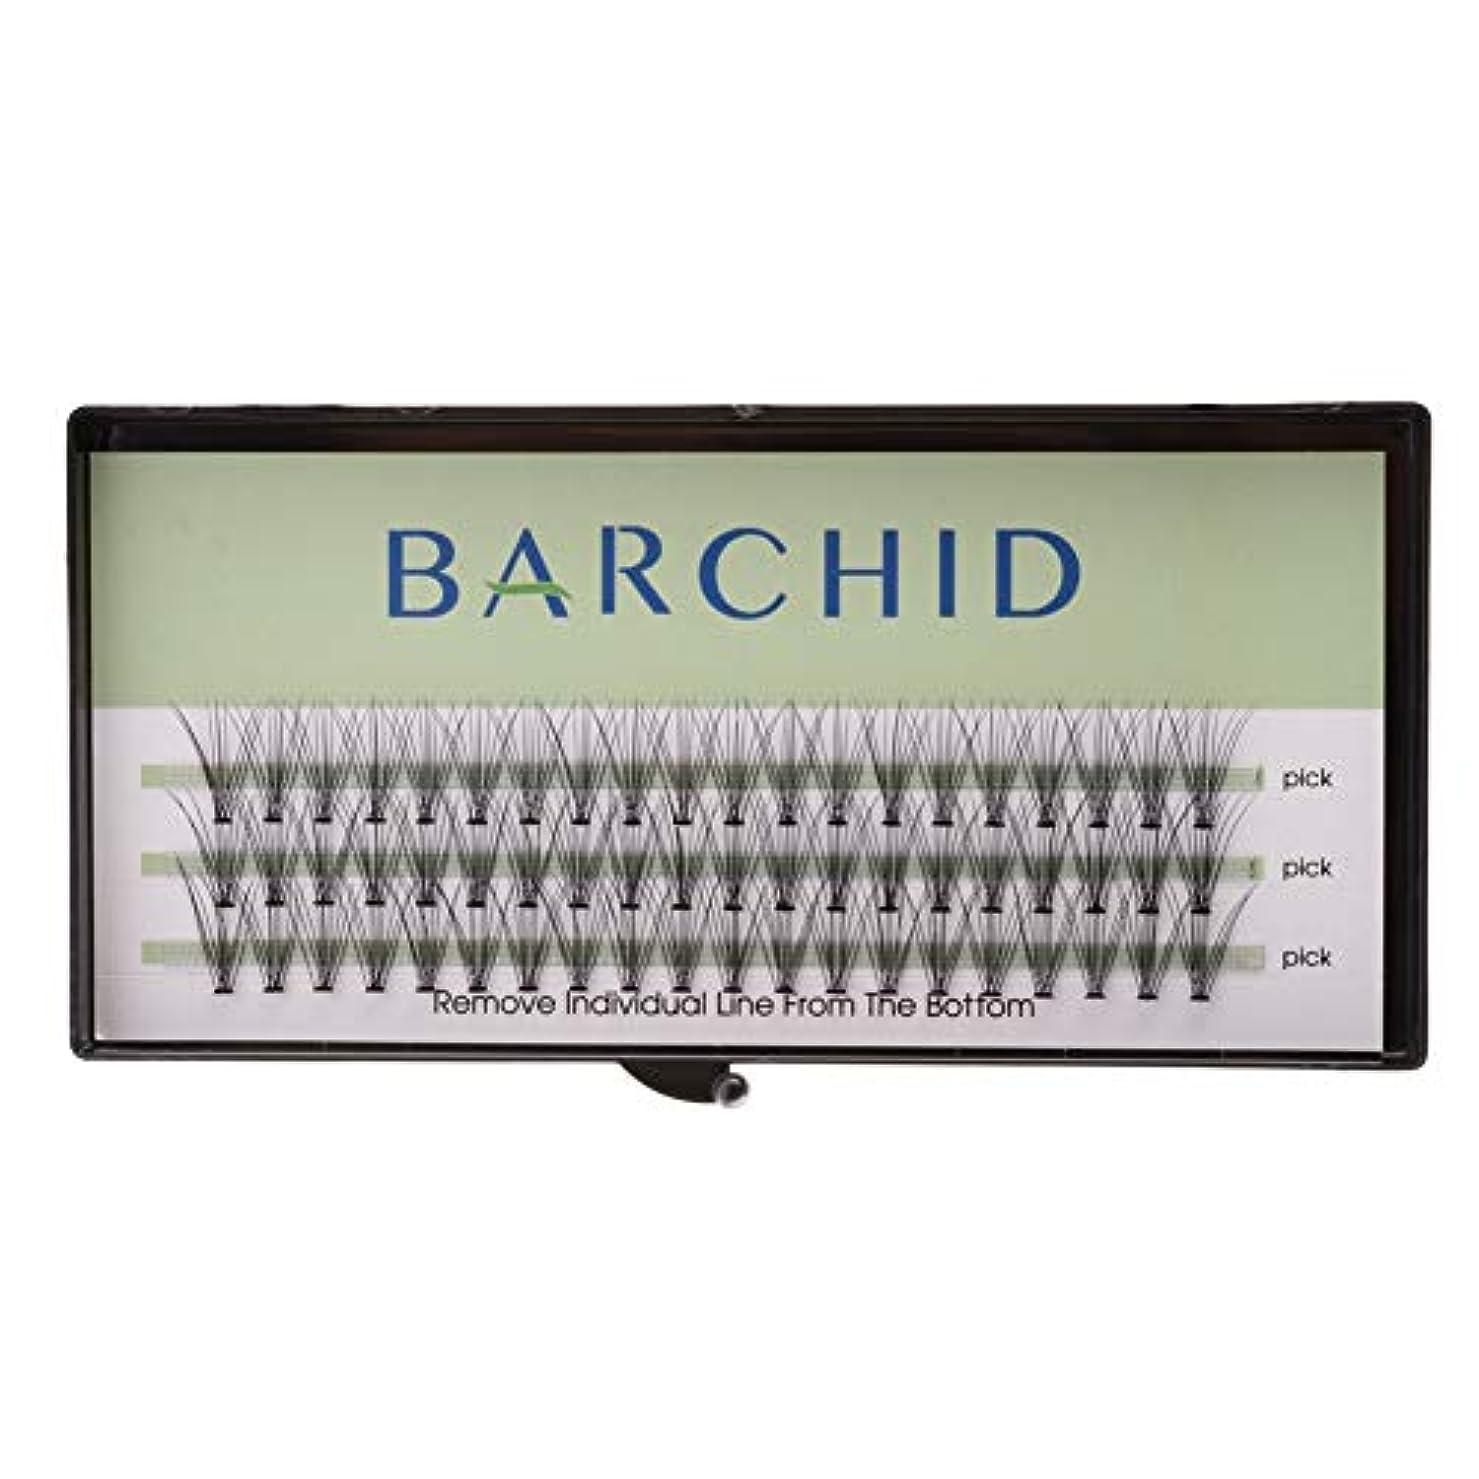 備品ハチ海外BARCHID つけまつげ ナチュラルつけまつげ高品質 まつげエクステ フレアセルフ用 超極細素材 太さ0.07mm 12mm Cカール マツエク10本束セルフマツエク キット